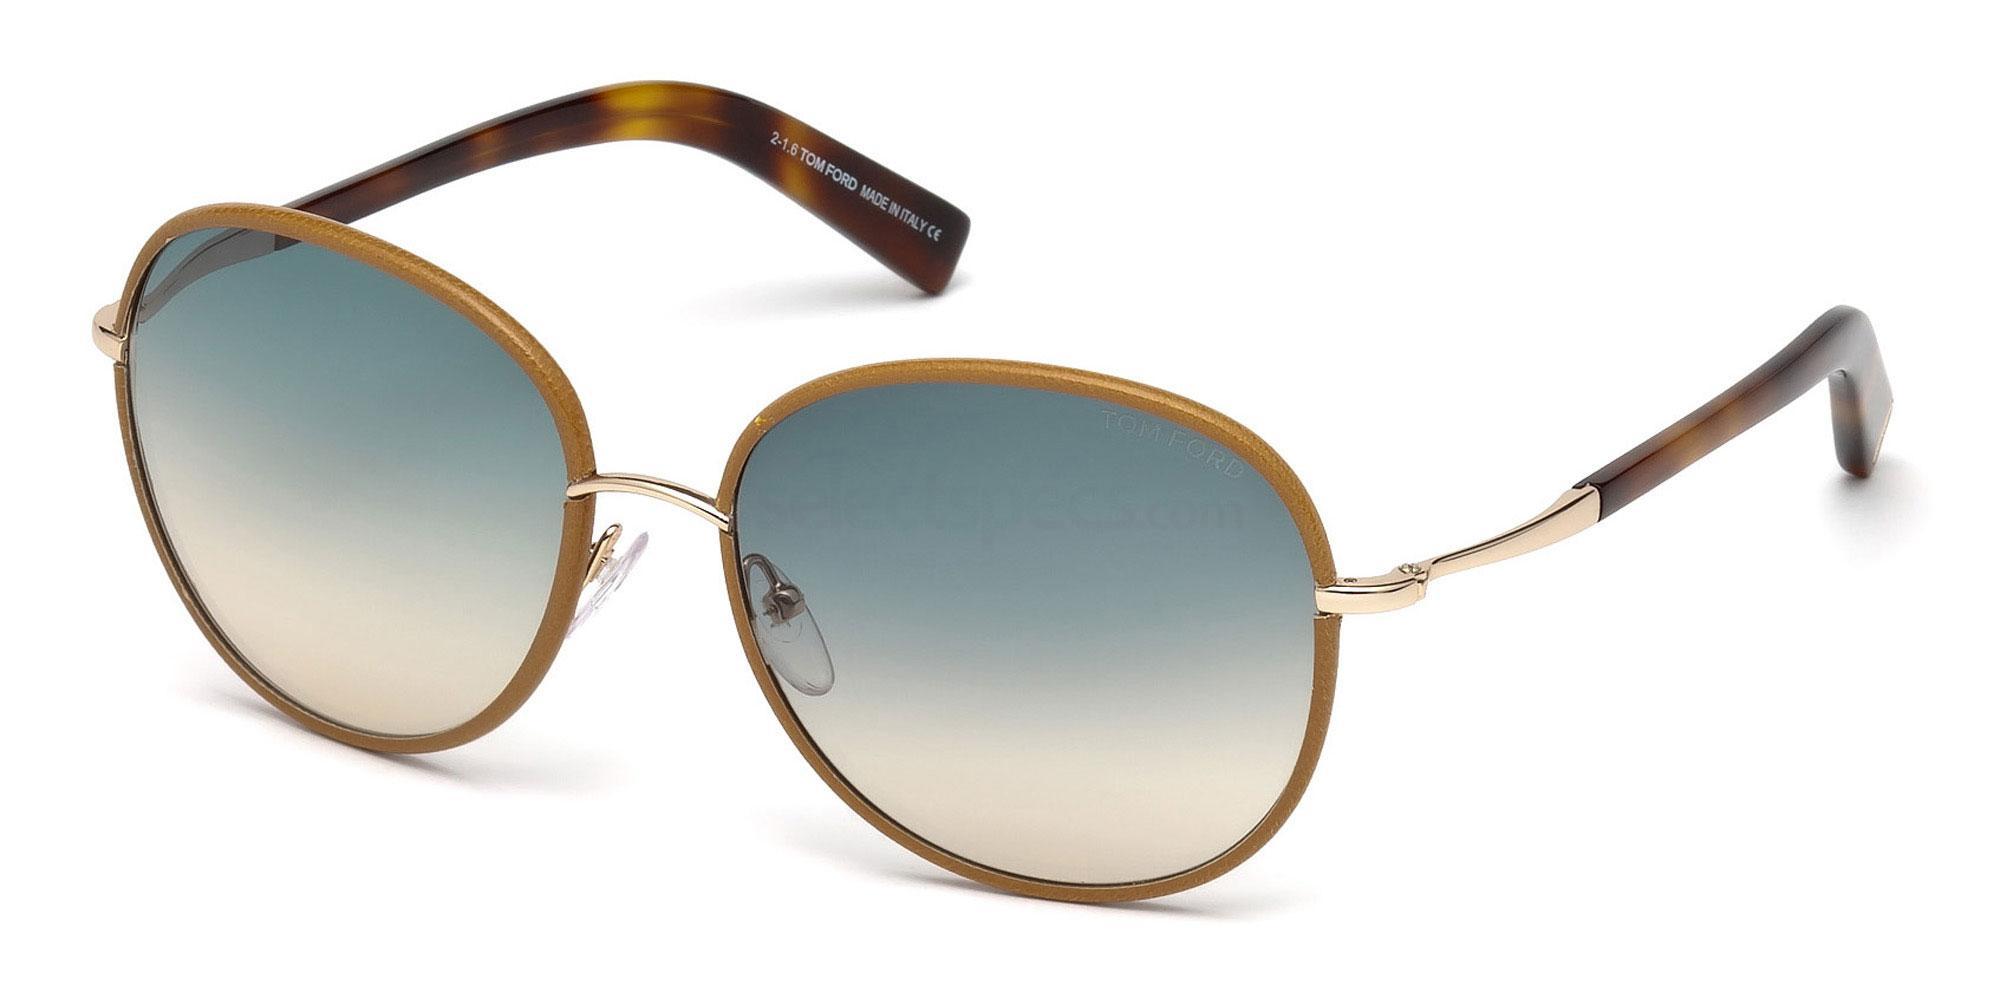 60W FT0498 Sunglasses, Tom Ford